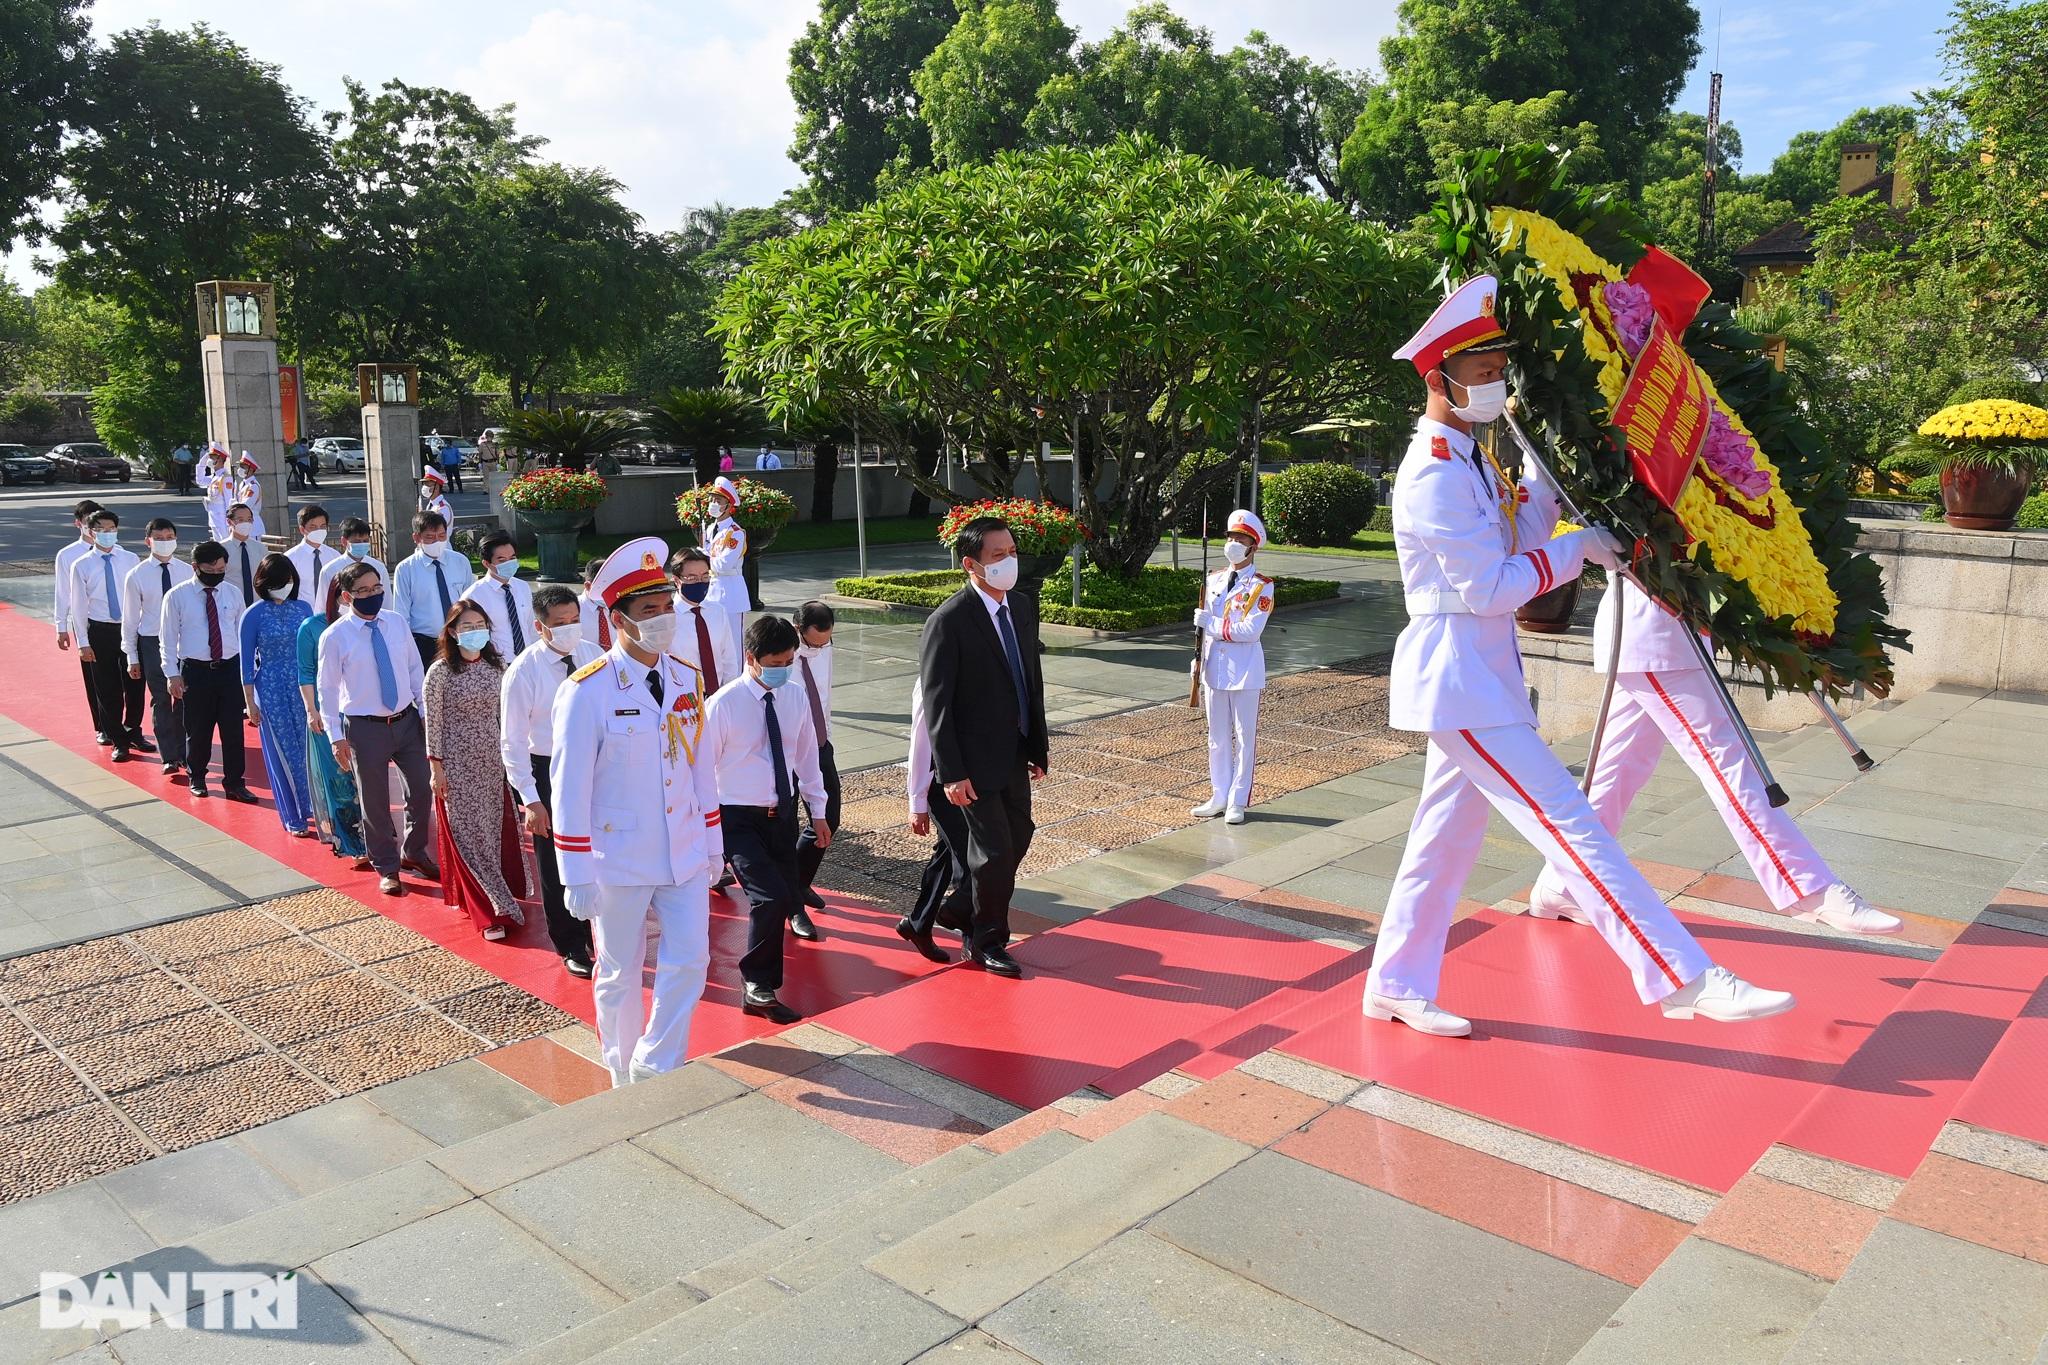 Lãnh đạo Đảng, Nhà nước đặt vòng hoa, tưởng niệm các Anh hùng liệt sĩ - 6